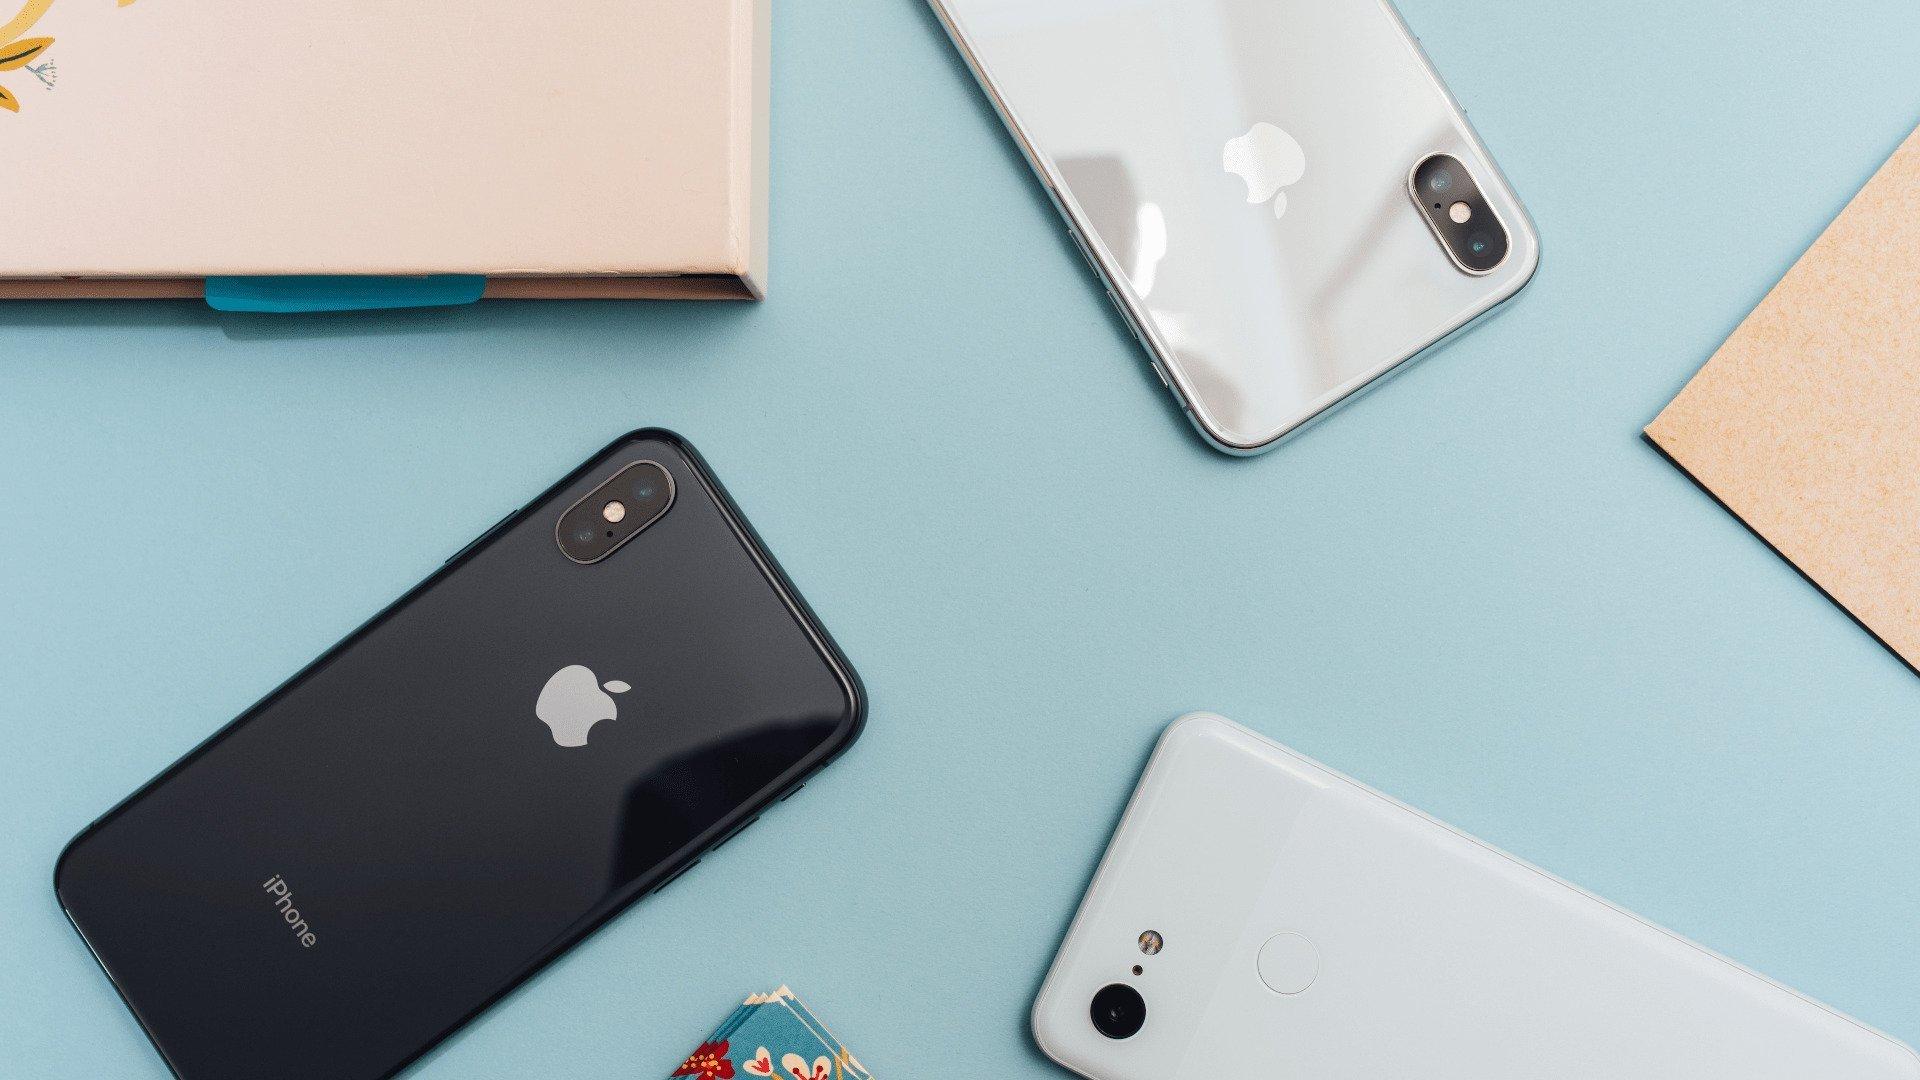 iPhone iOS 12.4.2 Update